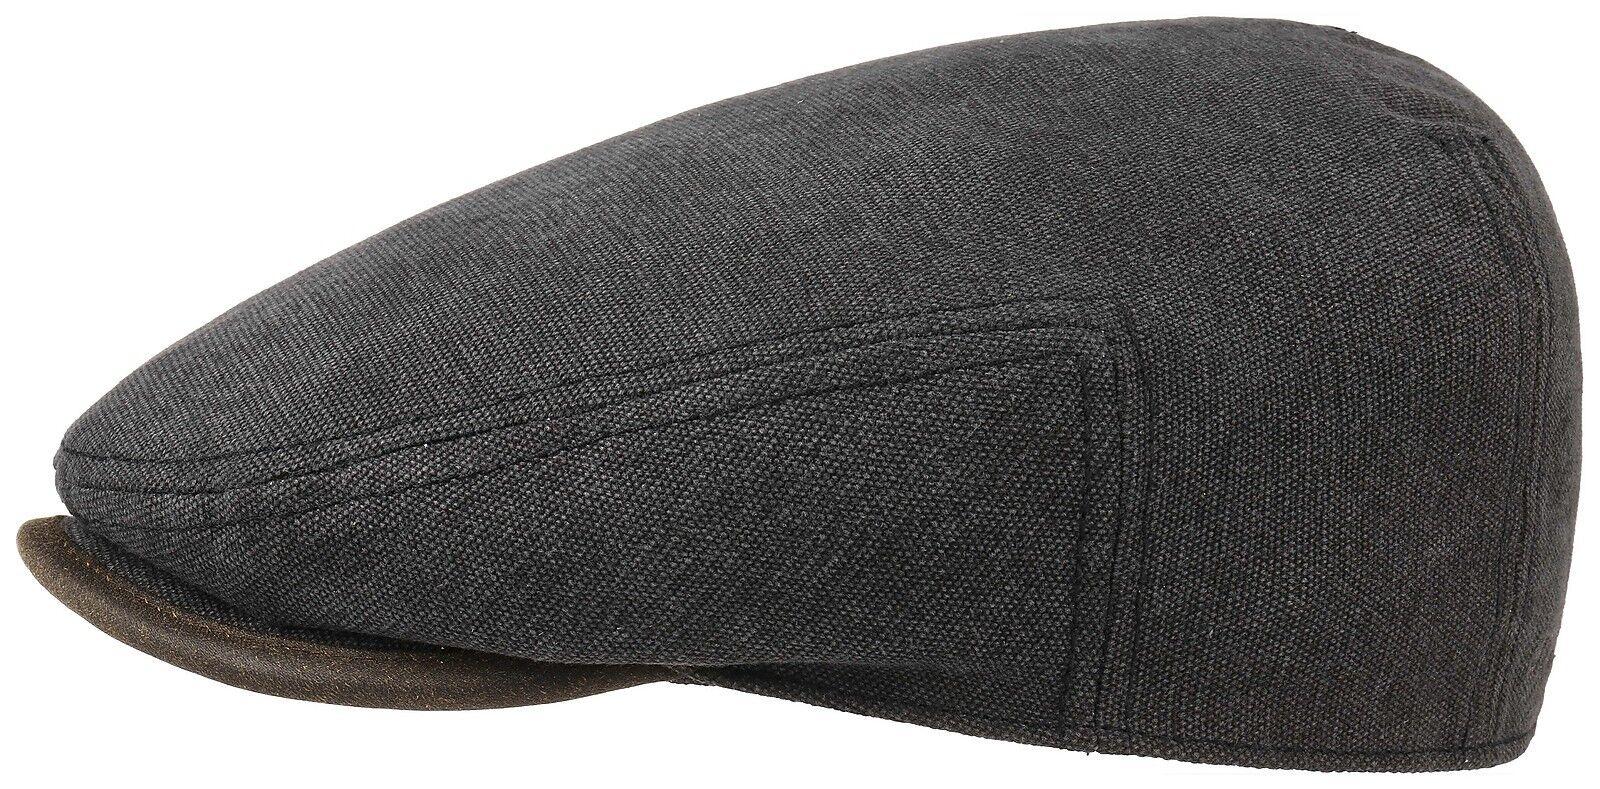 Stetson Sun Guard casquette schwarz plate CASQUETTE CHAPEAU Driver toile 1 schwarz casquette 080b87